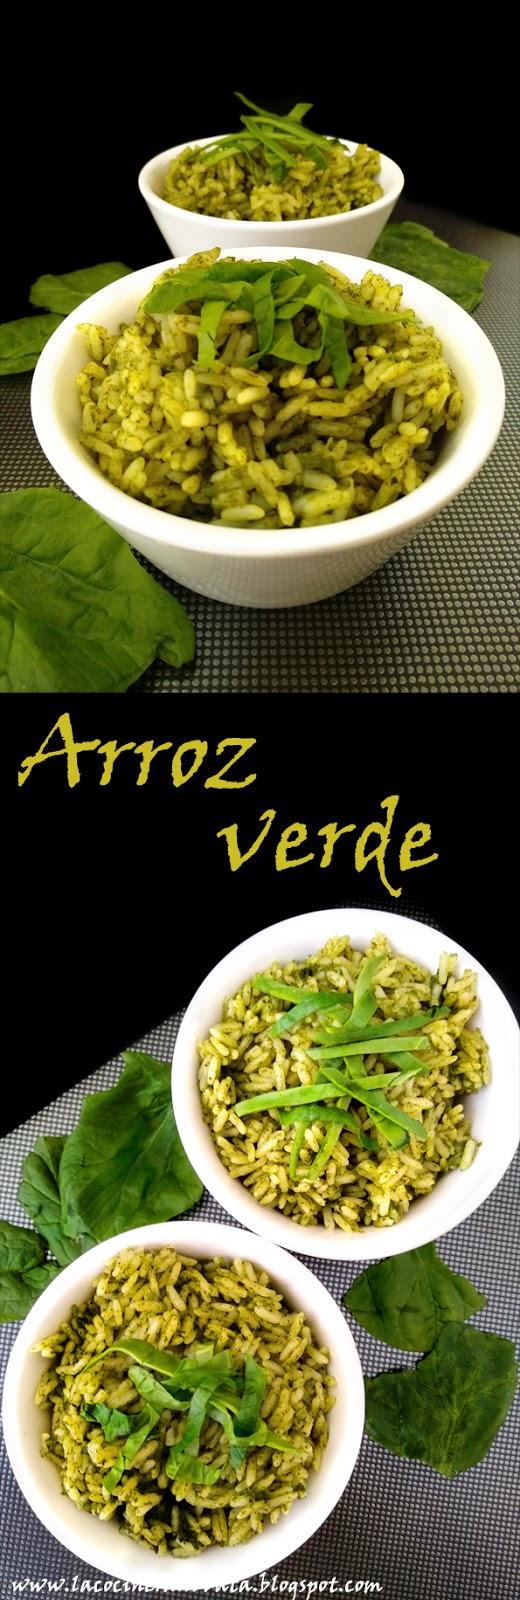 Arroz verde con espinacas y cilantro la cocinera novata cocina receta pobres economica aprovechamiento vegetariano vegano espinaca perejil